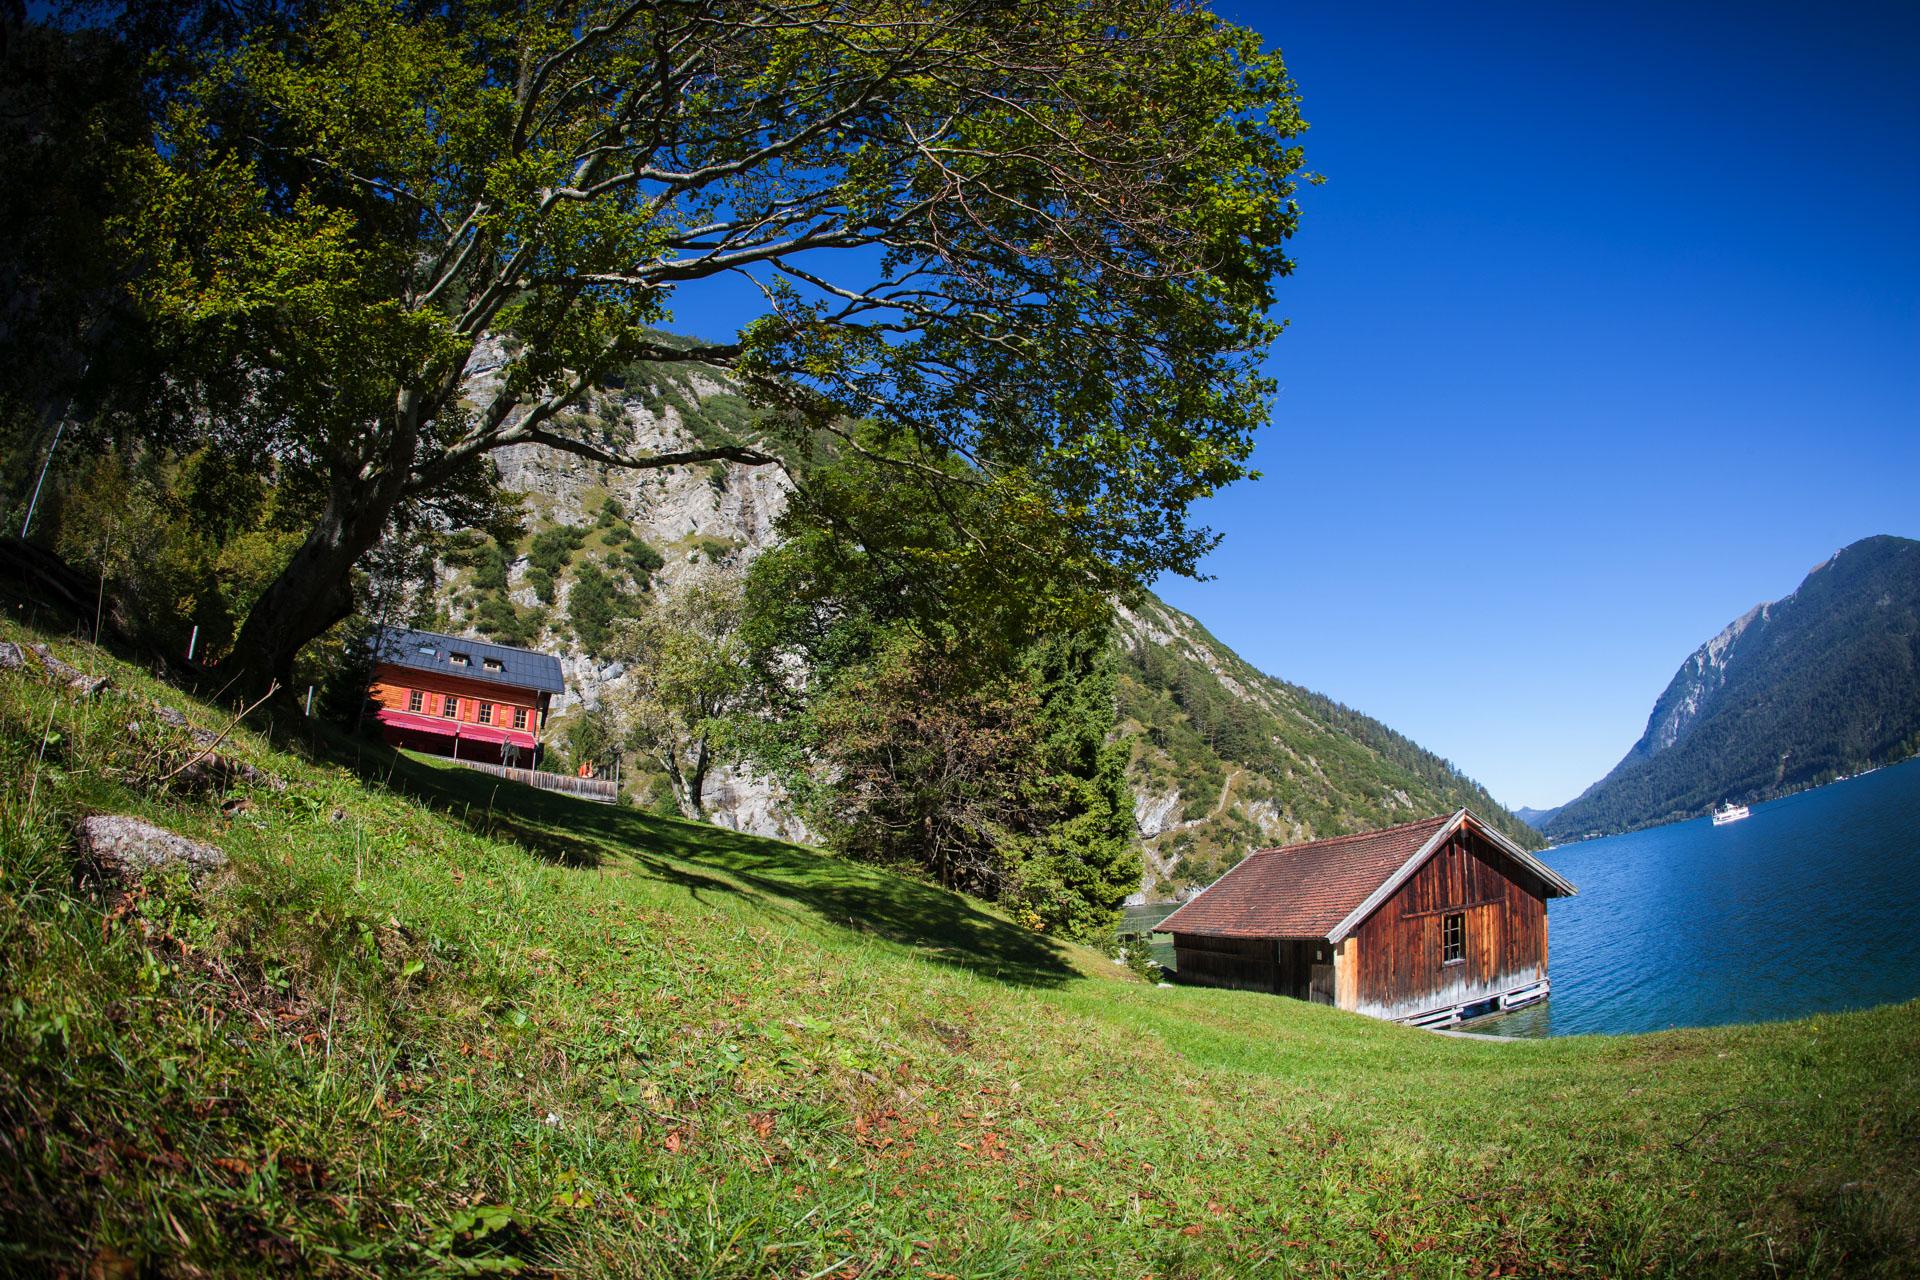 Berge, Seen und Gletscher am Alpenhauptkamm. Diese Bilder prägen den Trip